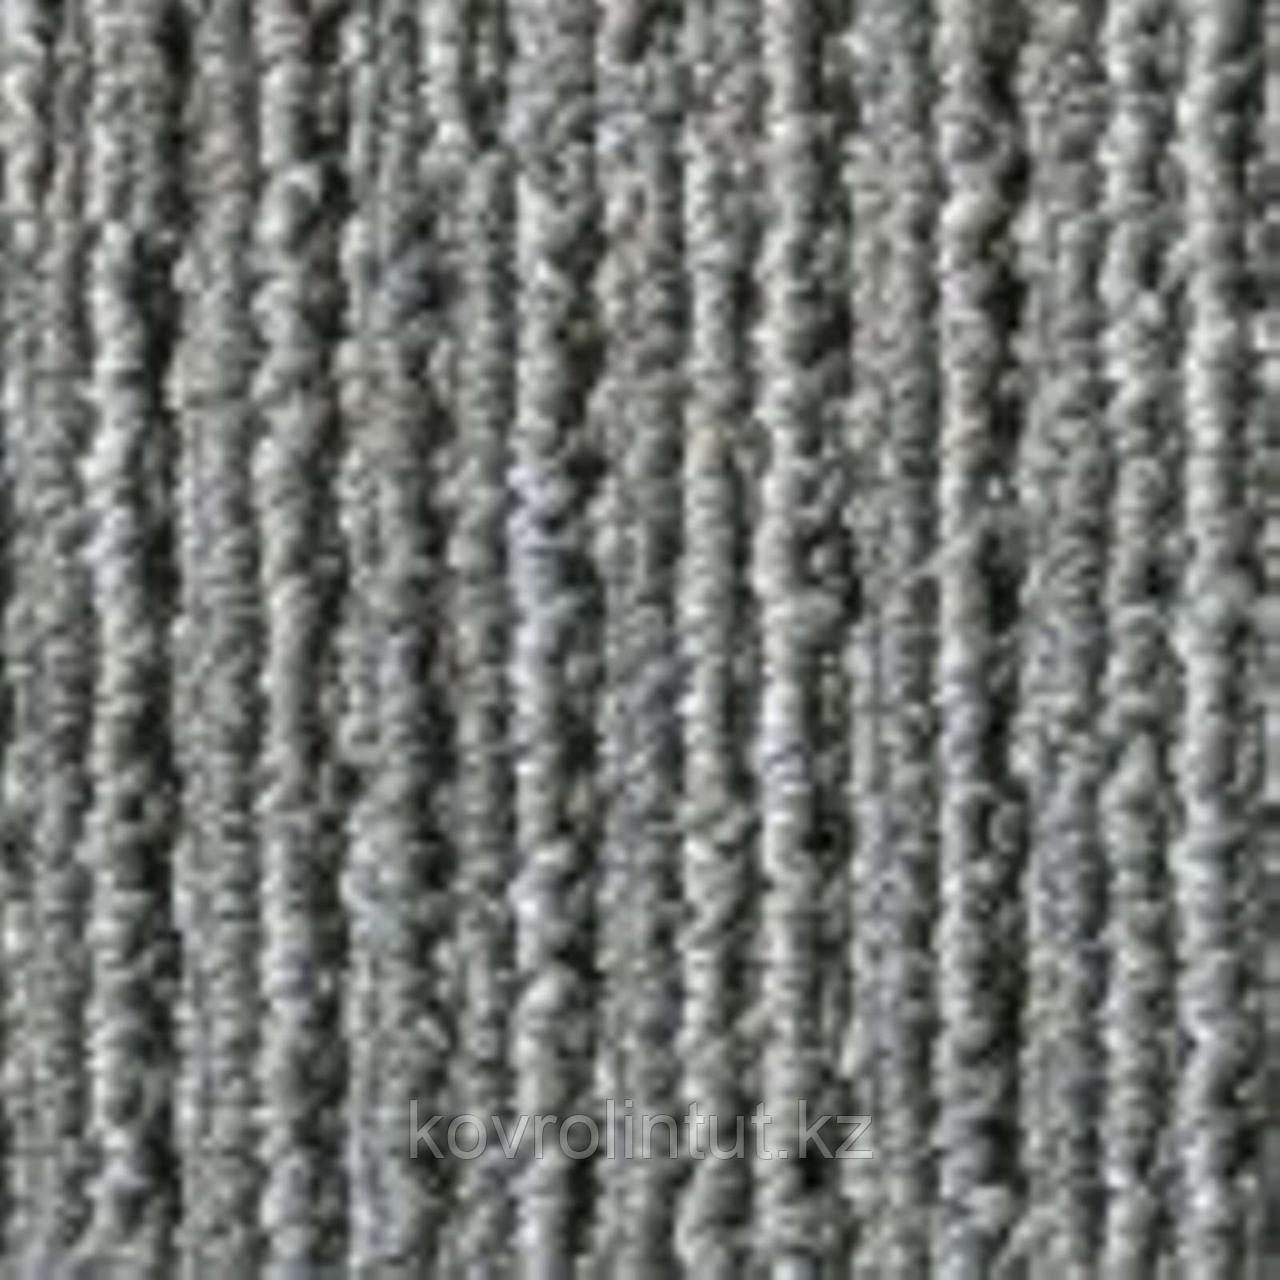 Плитка ковровая Сondor, Graphic Ambition 73, 50х50, 5м2/уп